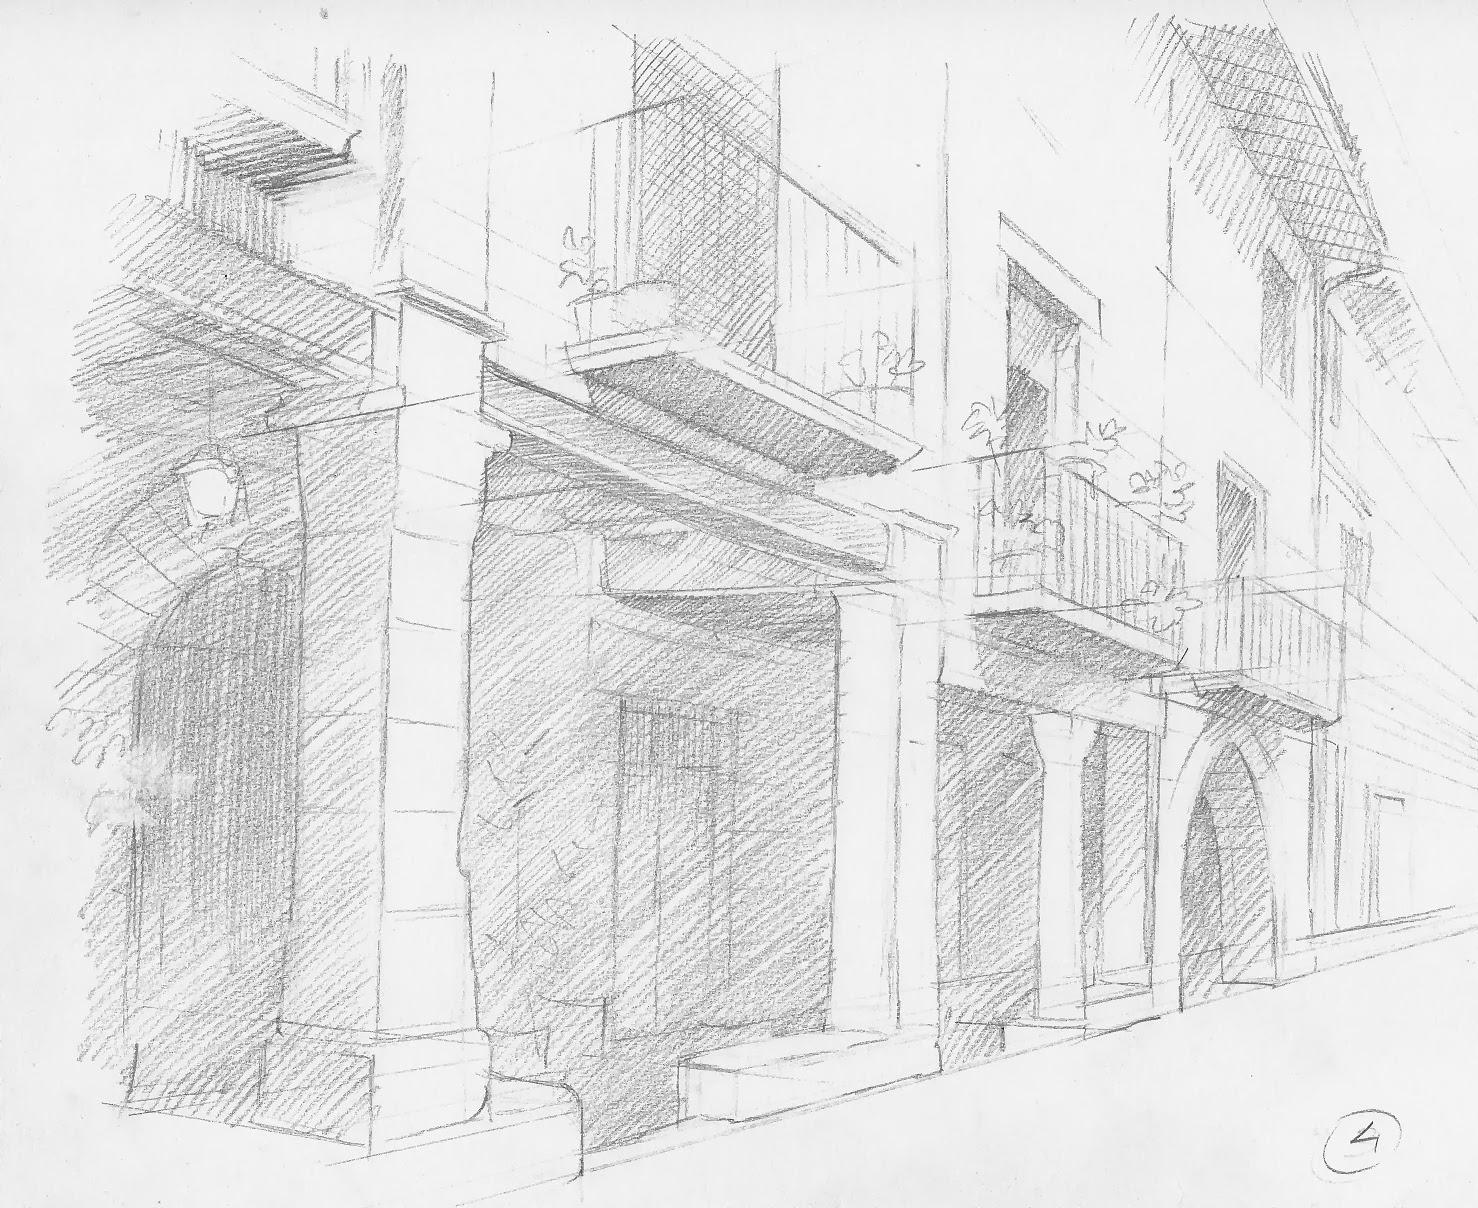 Isidre mones art dibujo de arquitectura popular paso a paso - Mesa de dibujo para arquitectura ...